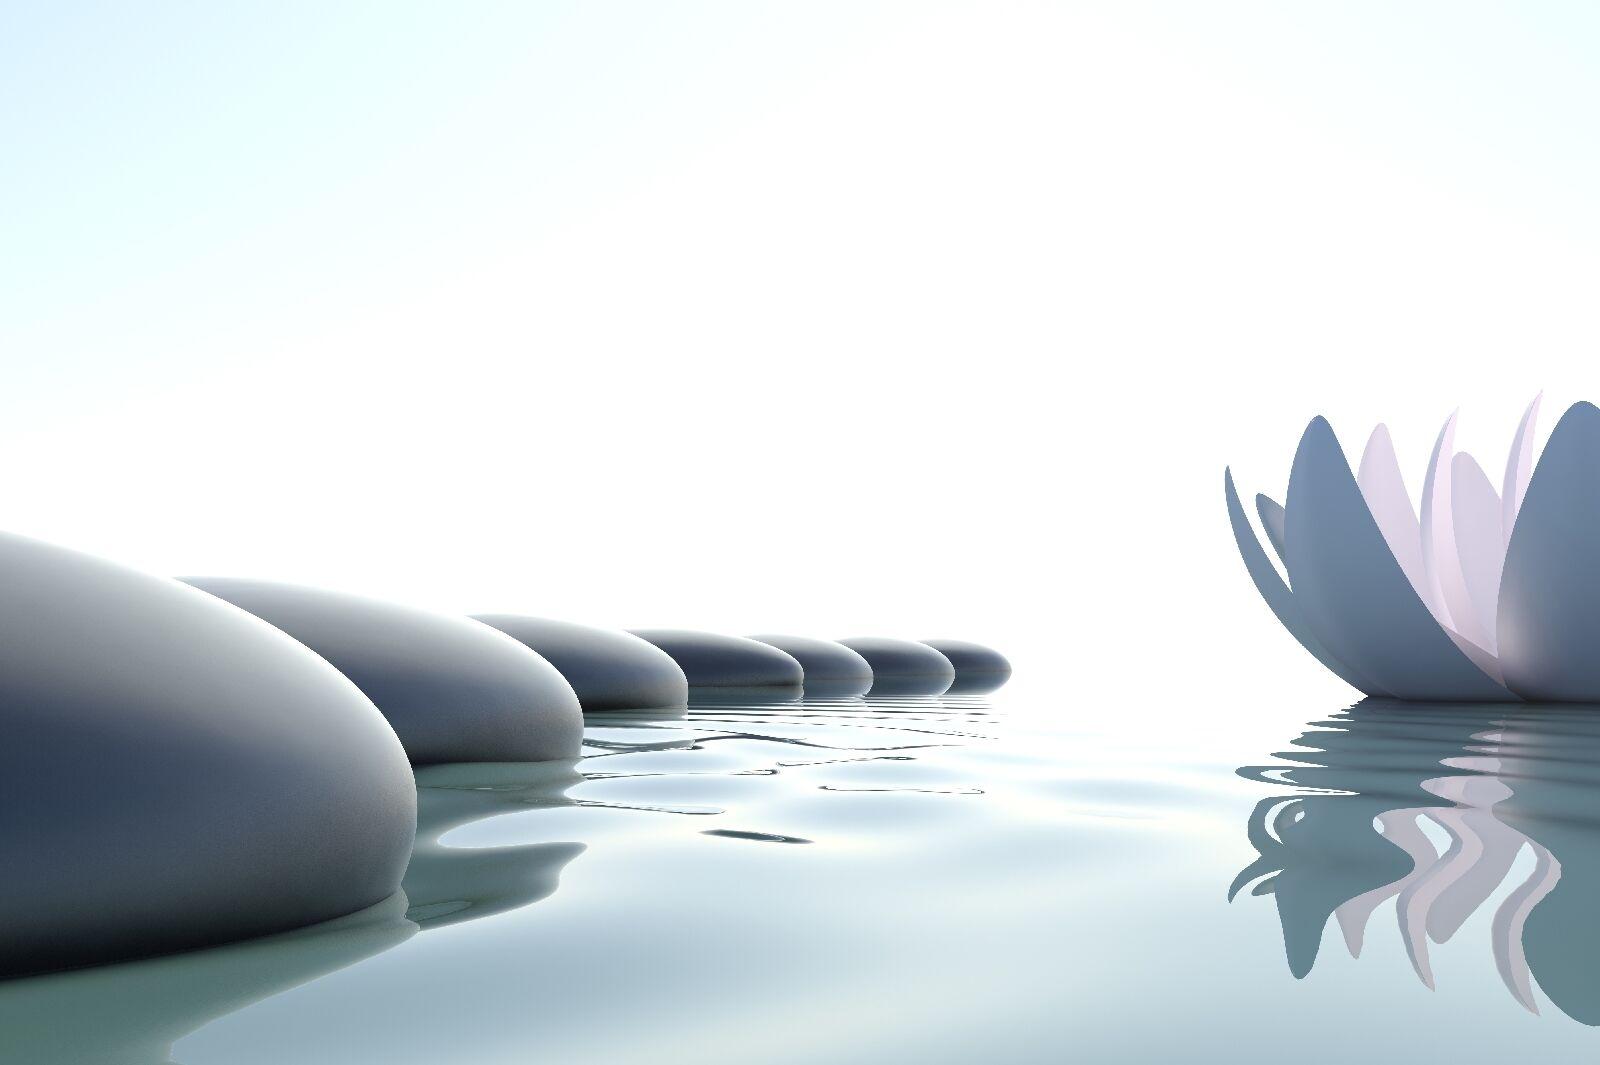 Leinwandbild Wasser Zen Steine Yoga Erholung Harmonie 120x80cm Leinwand Bild 161